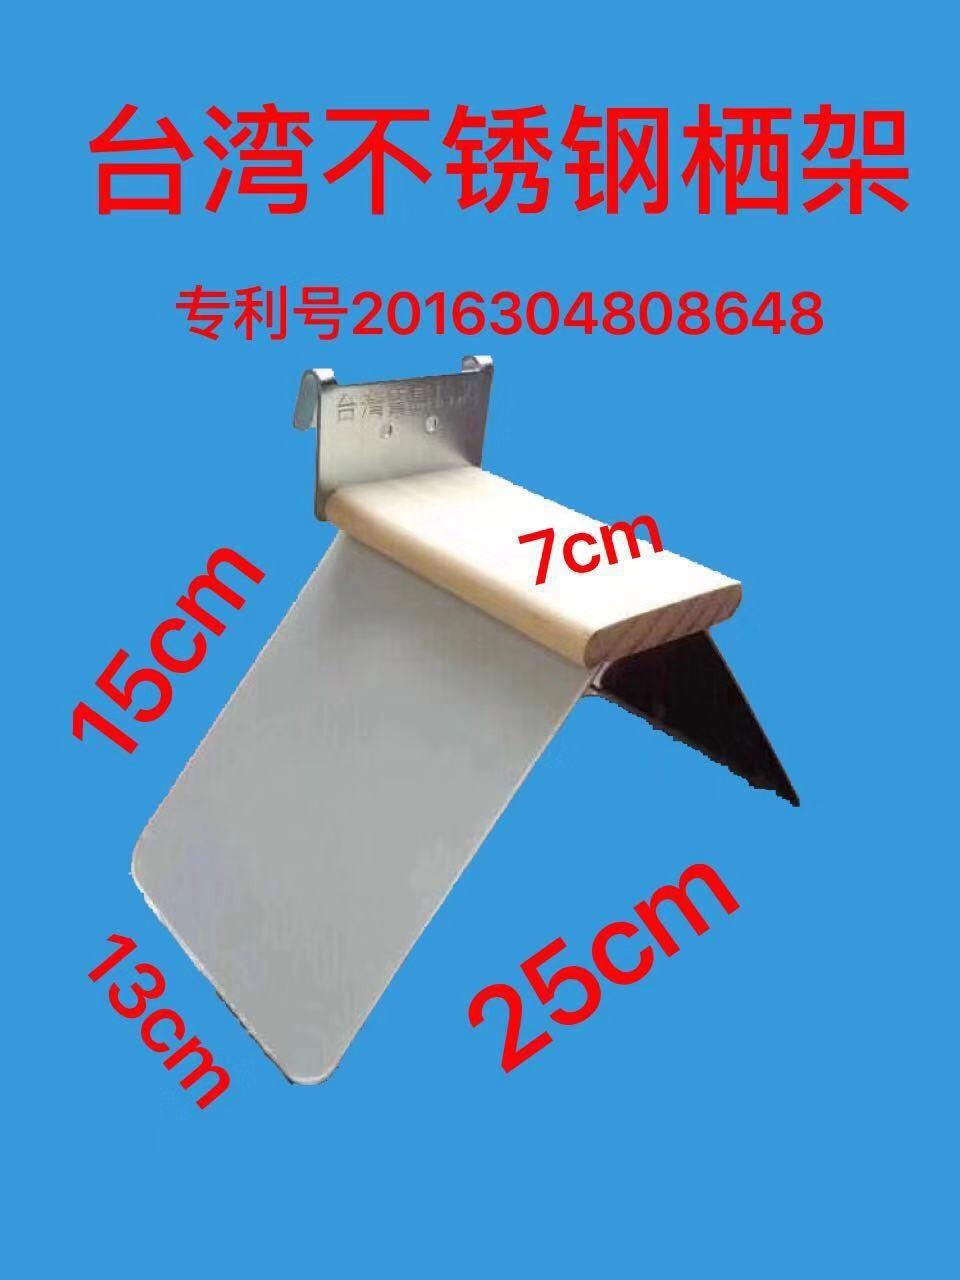 台湾不锈钢高级栖架 站架